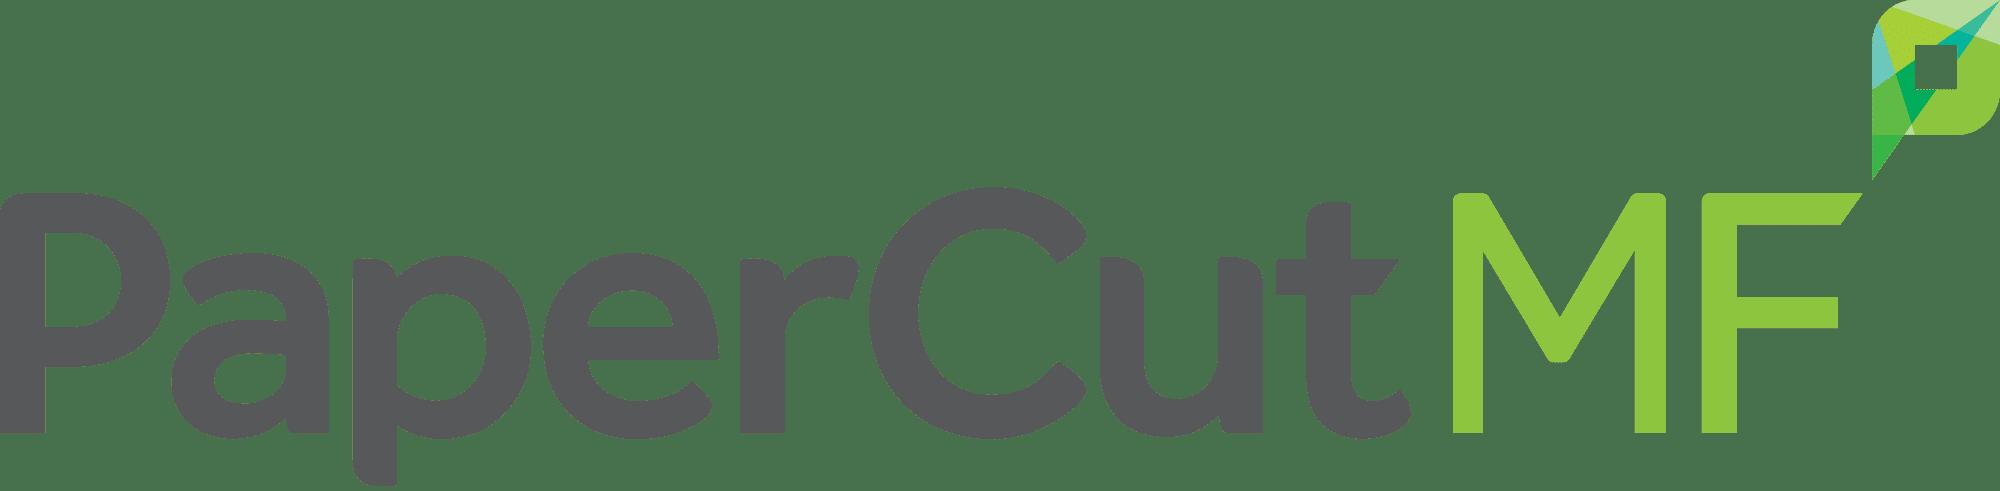 PaperCutMF - Gestion électronique de document